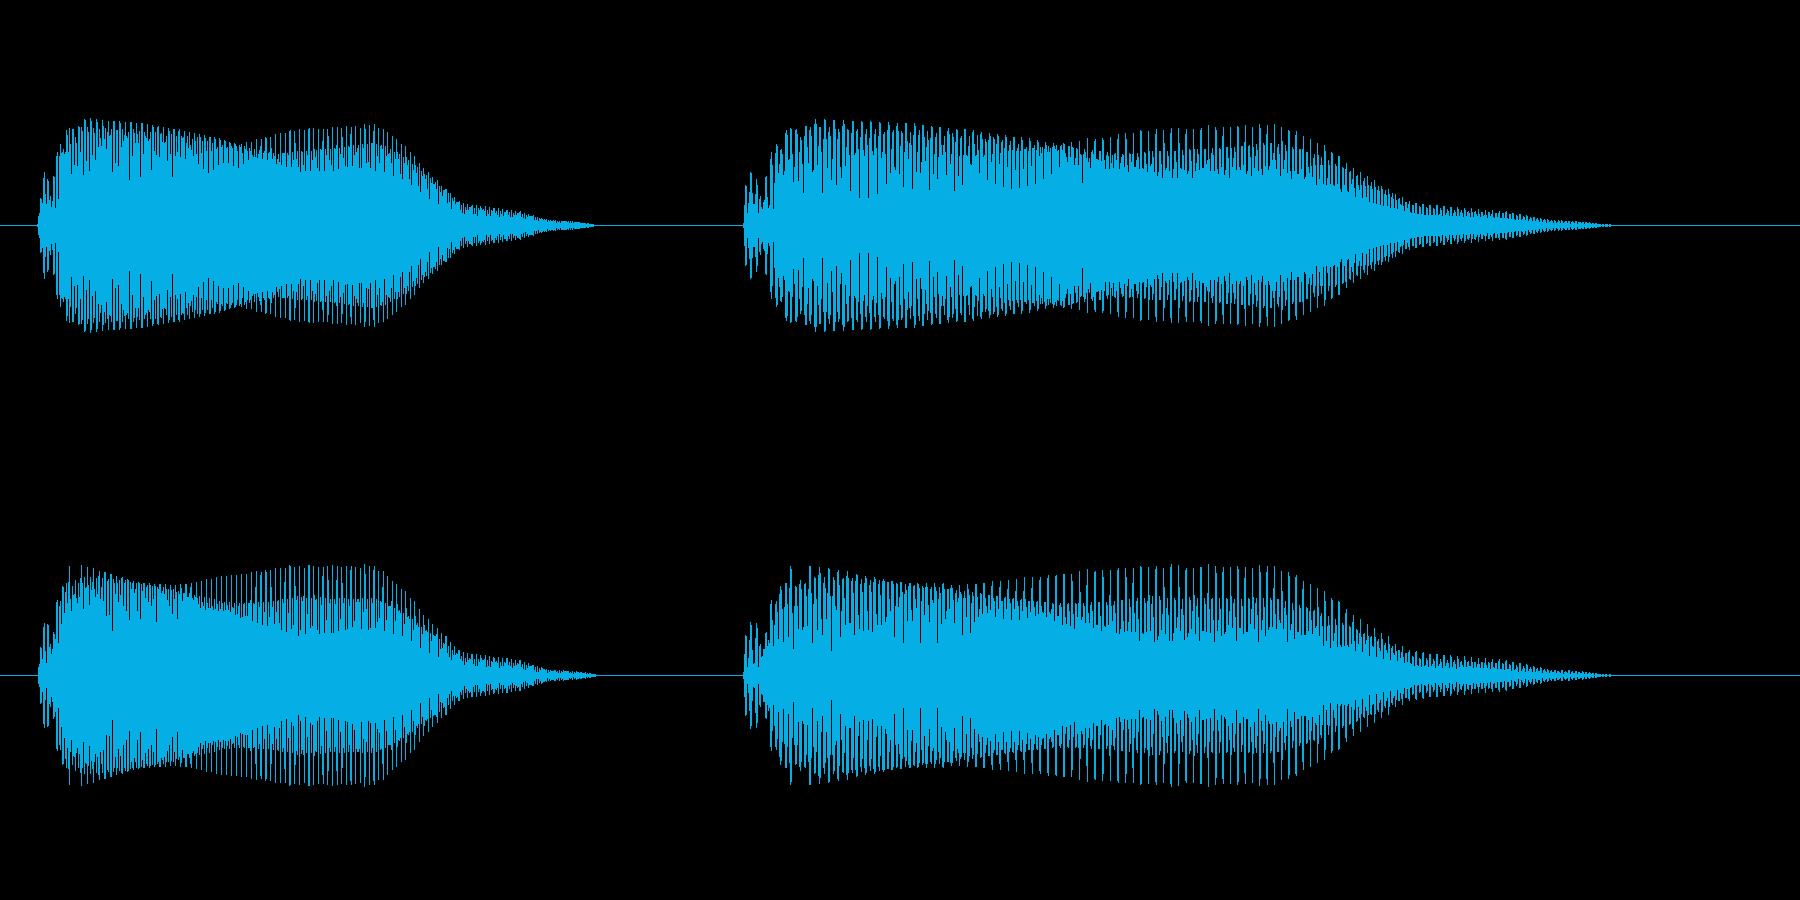 ポ・プェ・ポ・プェ(下り)の再生済みの波形